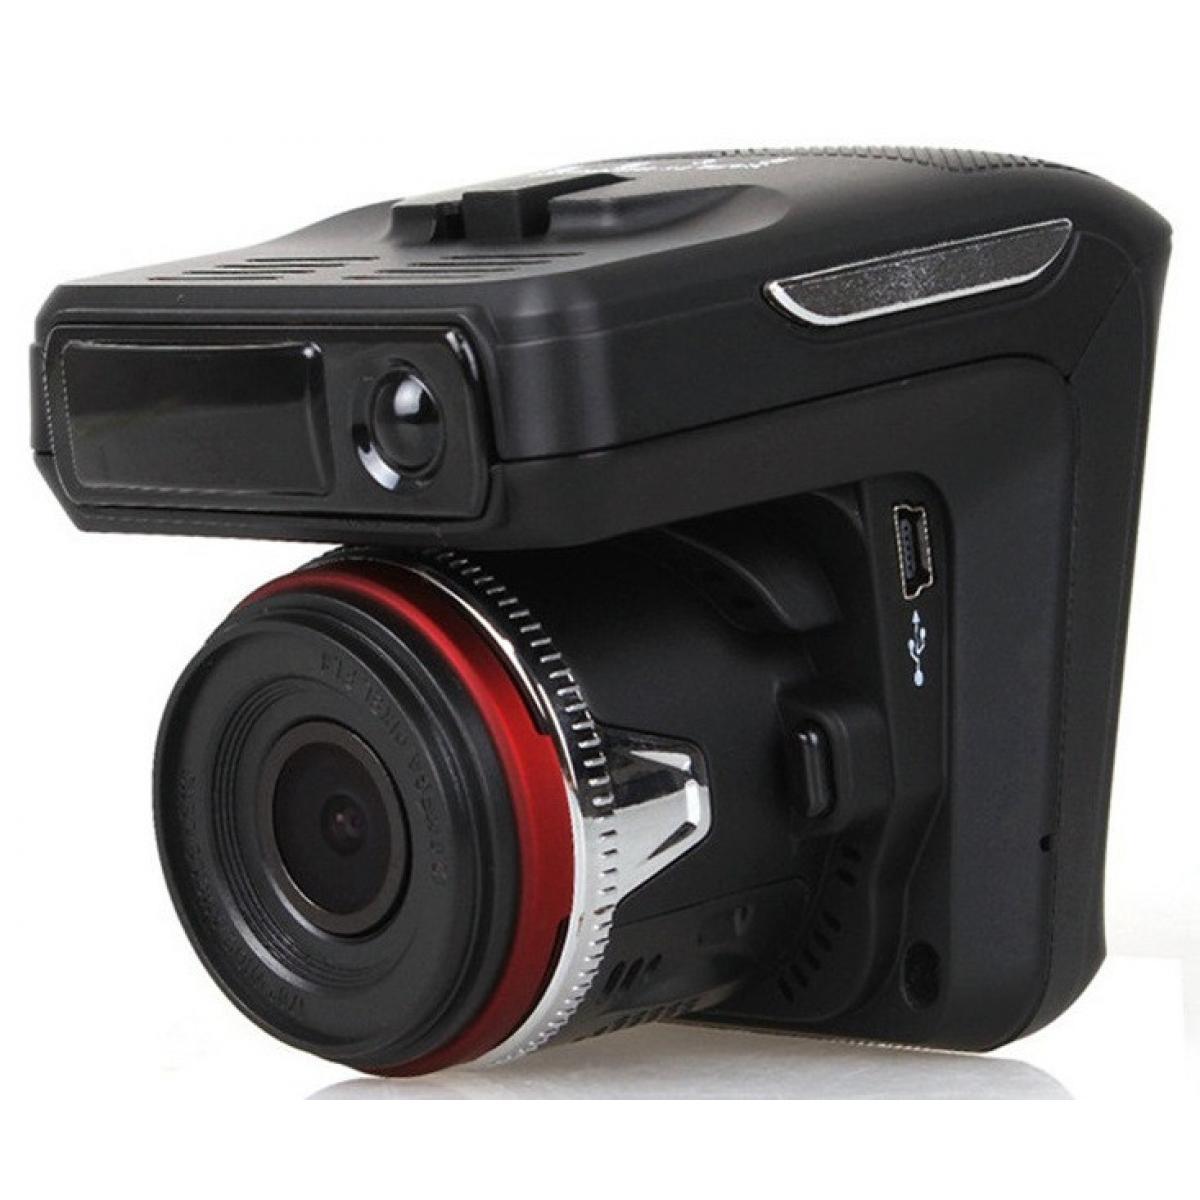 Автомобильный видеорегистратор Radar video X7 360° 2 в 1 FullHD 1080p с радар-детектором и GPS модулем